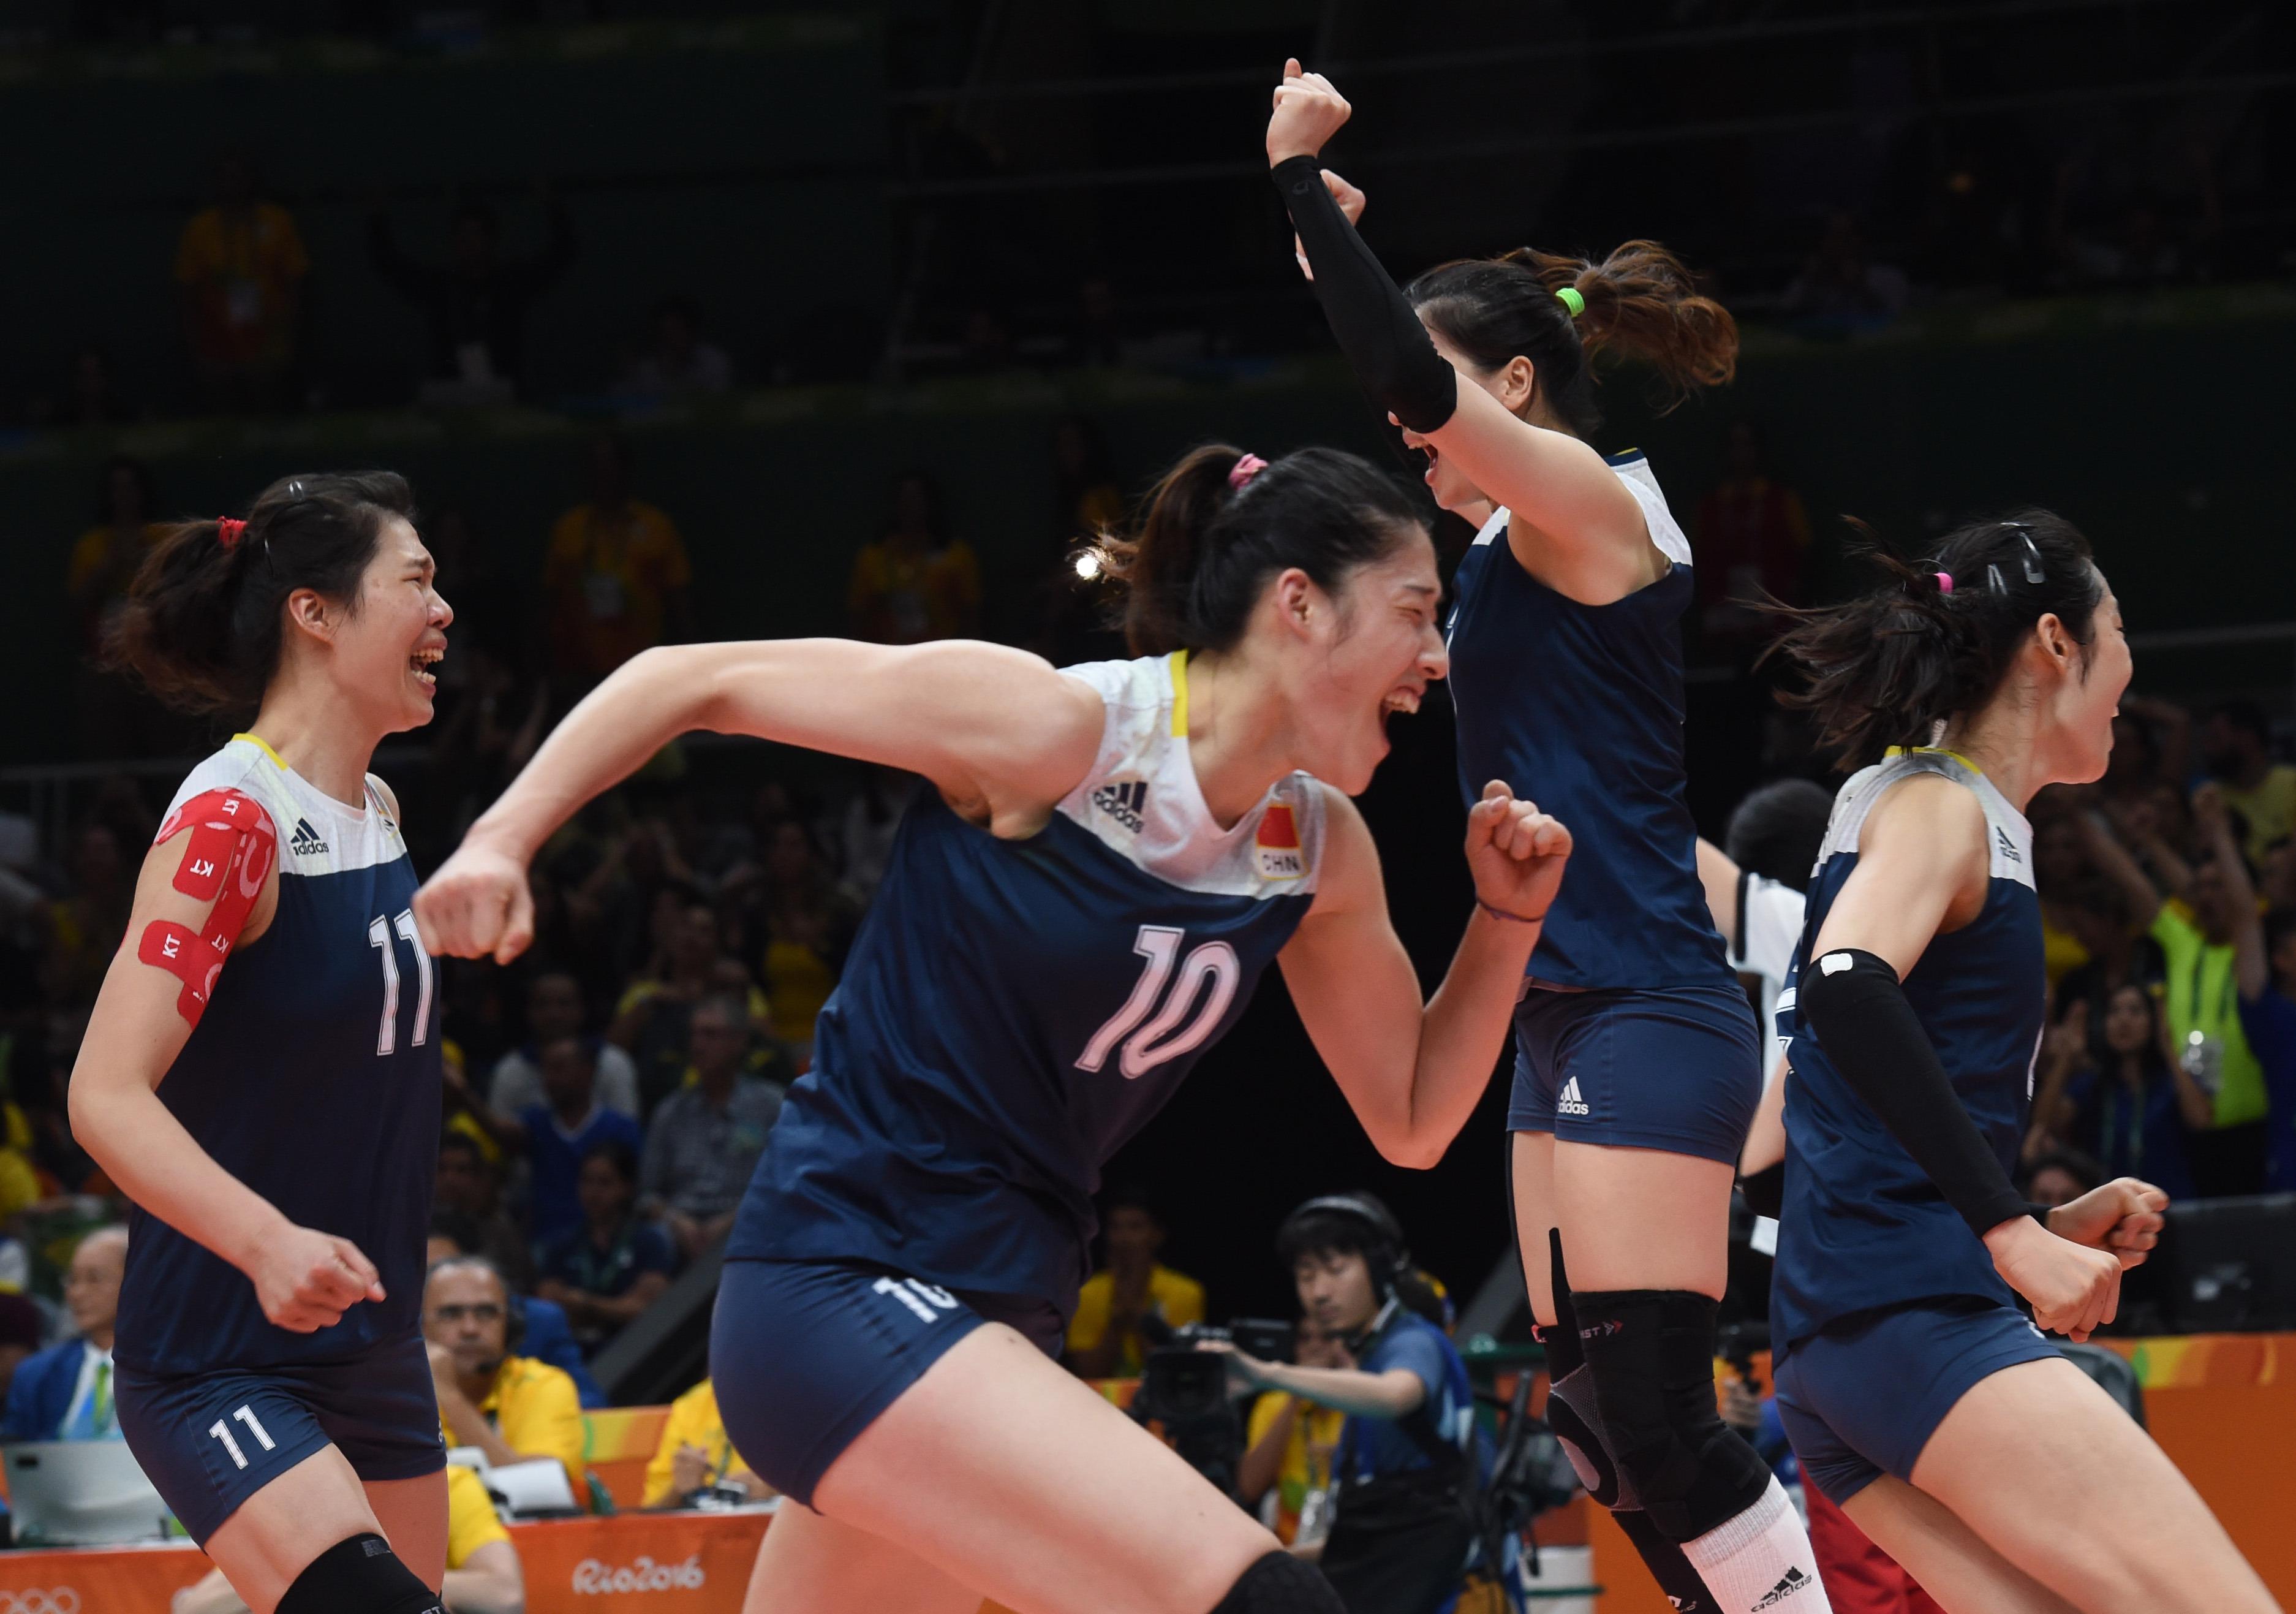 中国队球员在赛后庆祝胜利。 当日,在2016年里约奥运会女子排球四分之一决赛中,中国队以3比2战胜巴西队,晋级四强。 新华社记者岳月伟摄